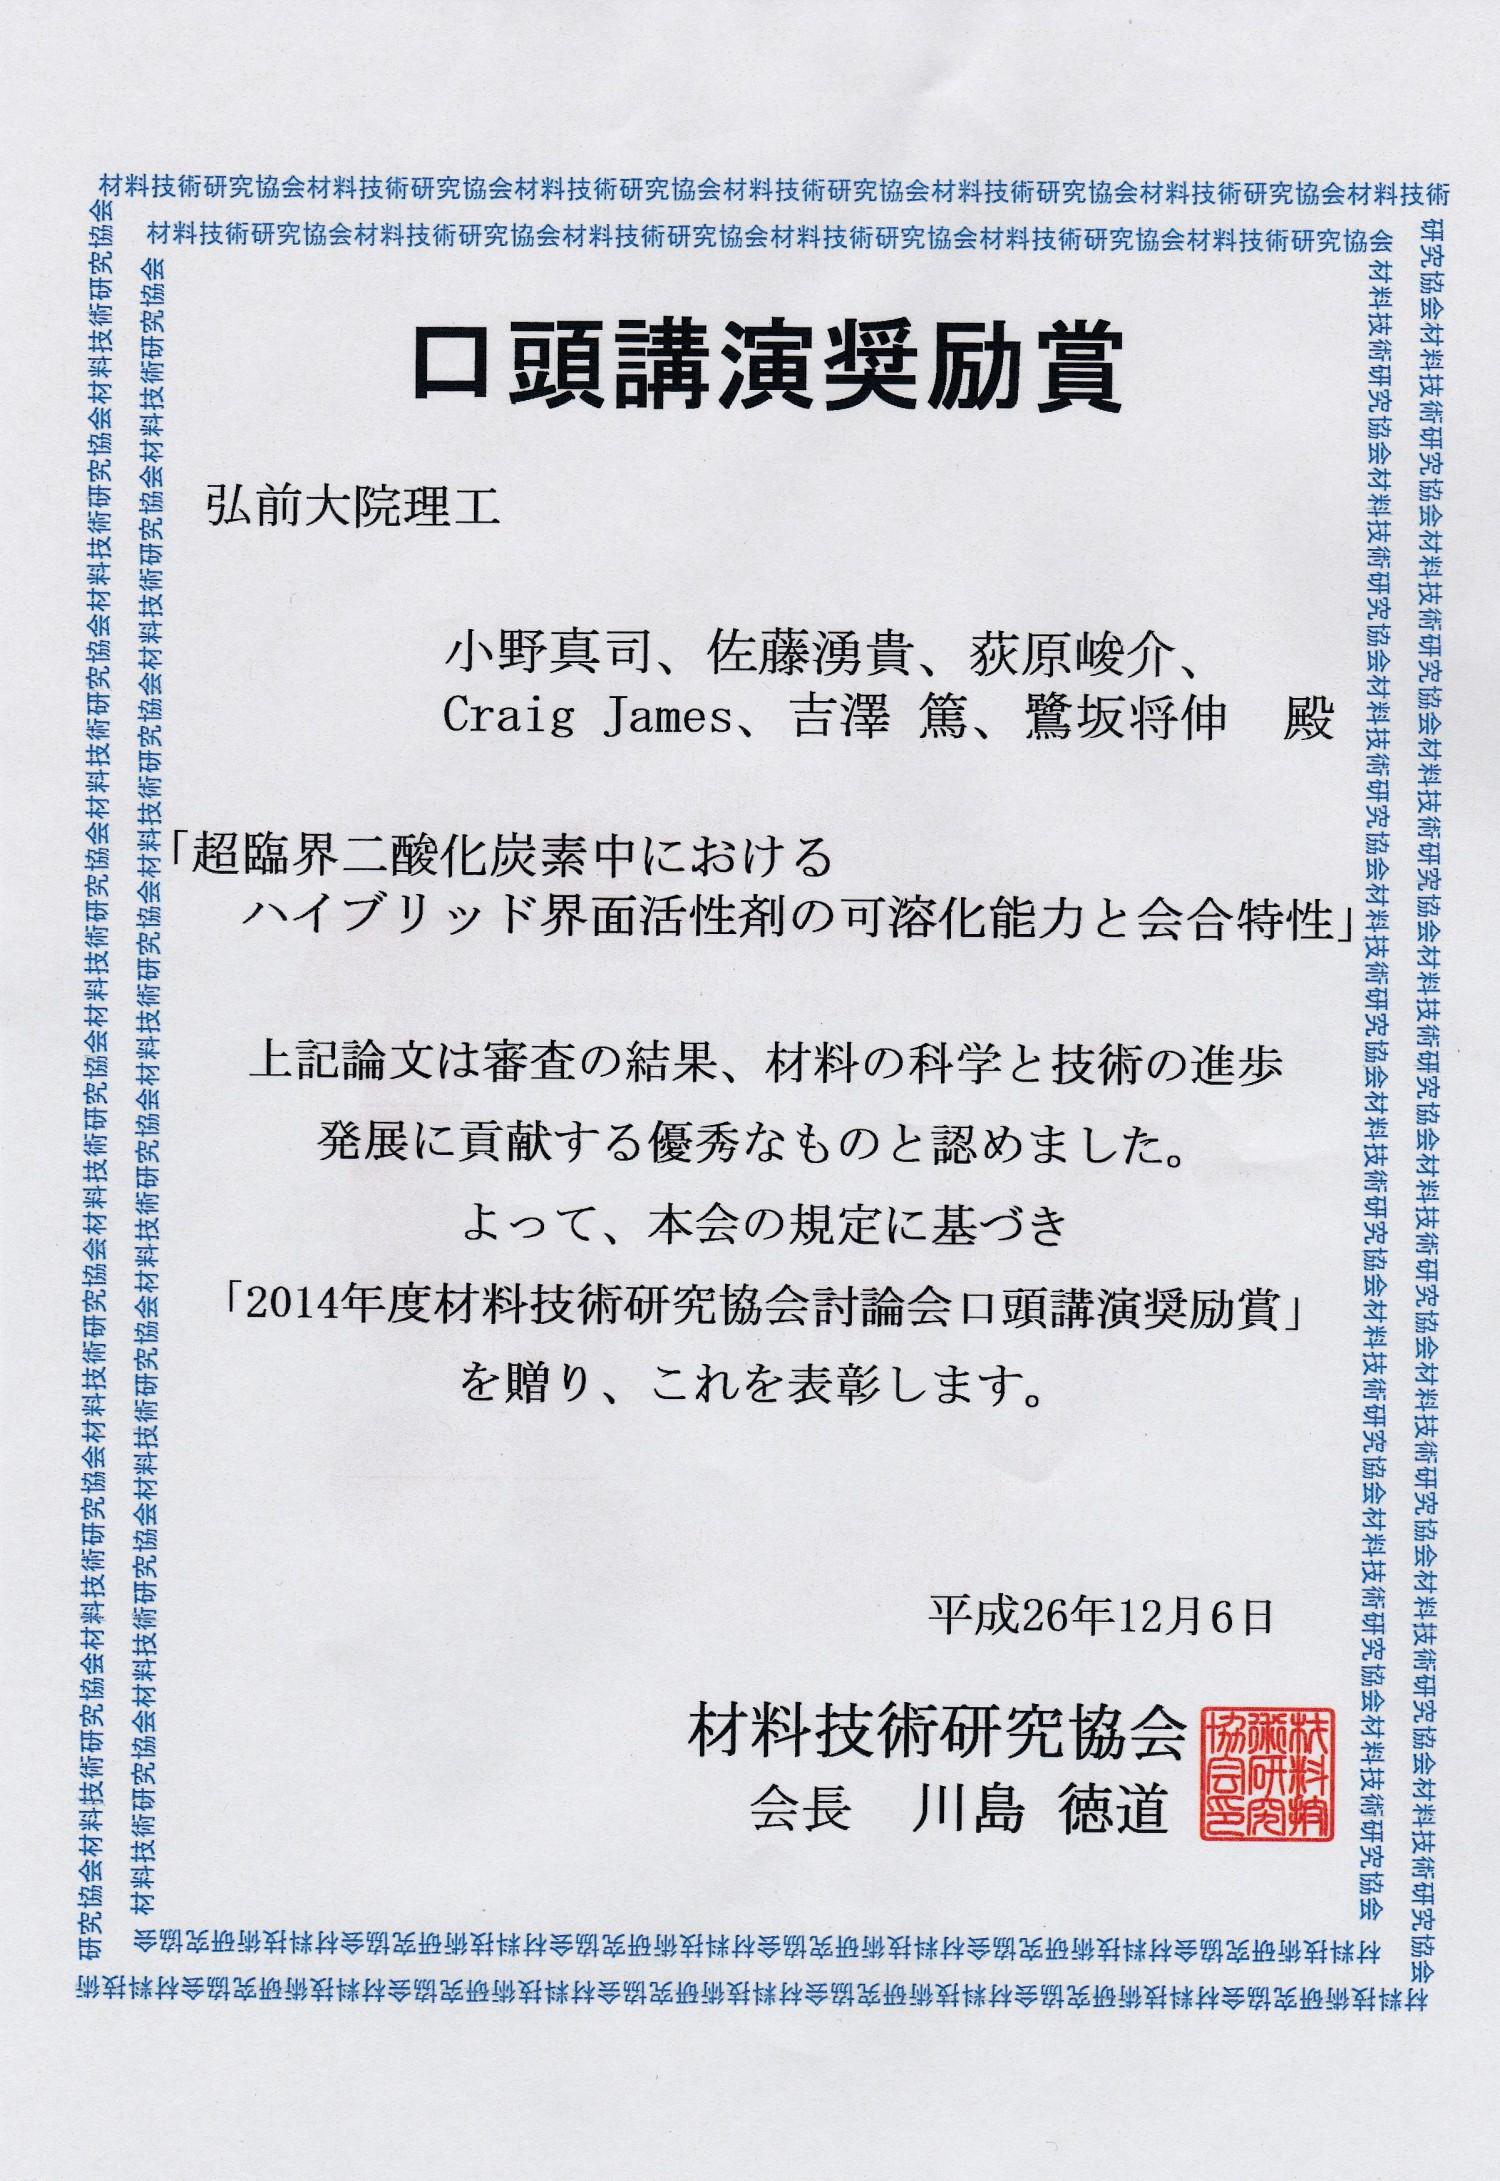 小野真司口頭奨励賞2014材料技術